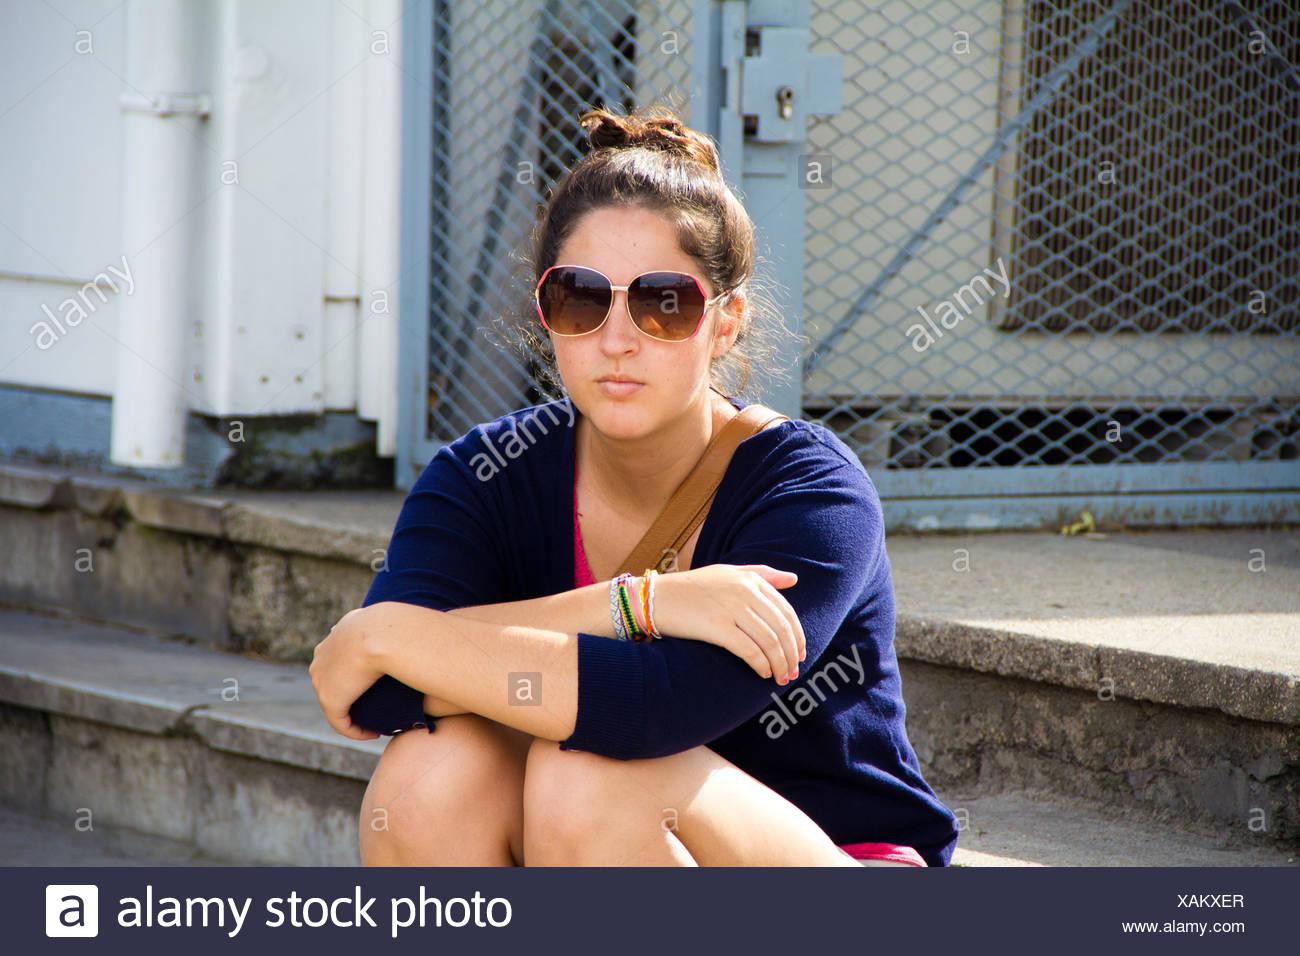 Femme portant des lunettes de soleil assis sur un pas Photo Stock